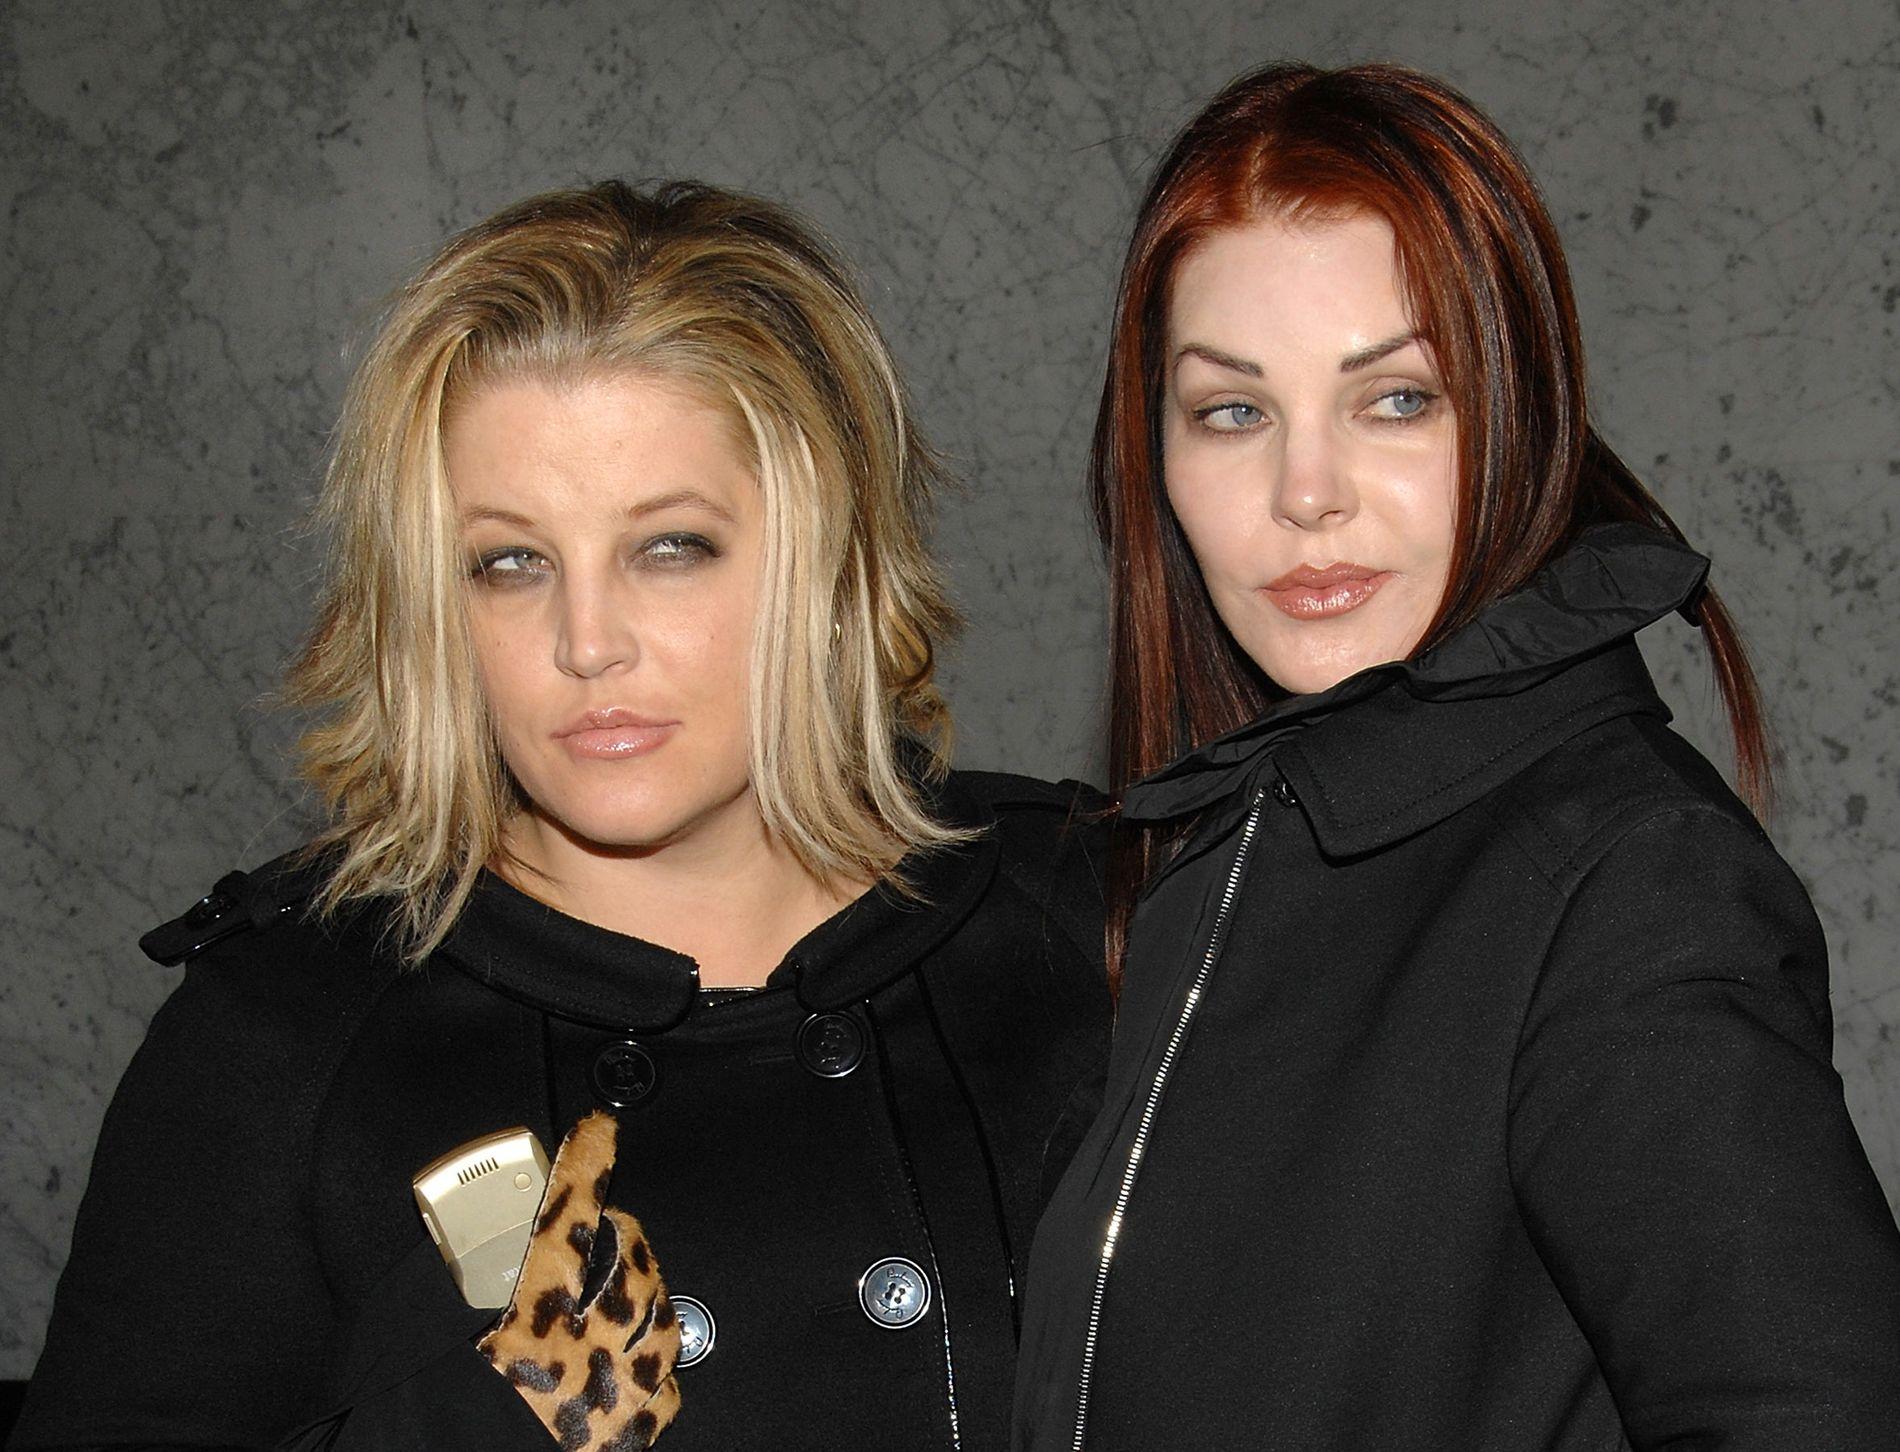 TRÅR TIL: Lisa Marie Presley (t.v.) får hjelp av moren Priscilla Presley mens omsorgskampen pågår. Her er de to avbildet for noen år tilbake.